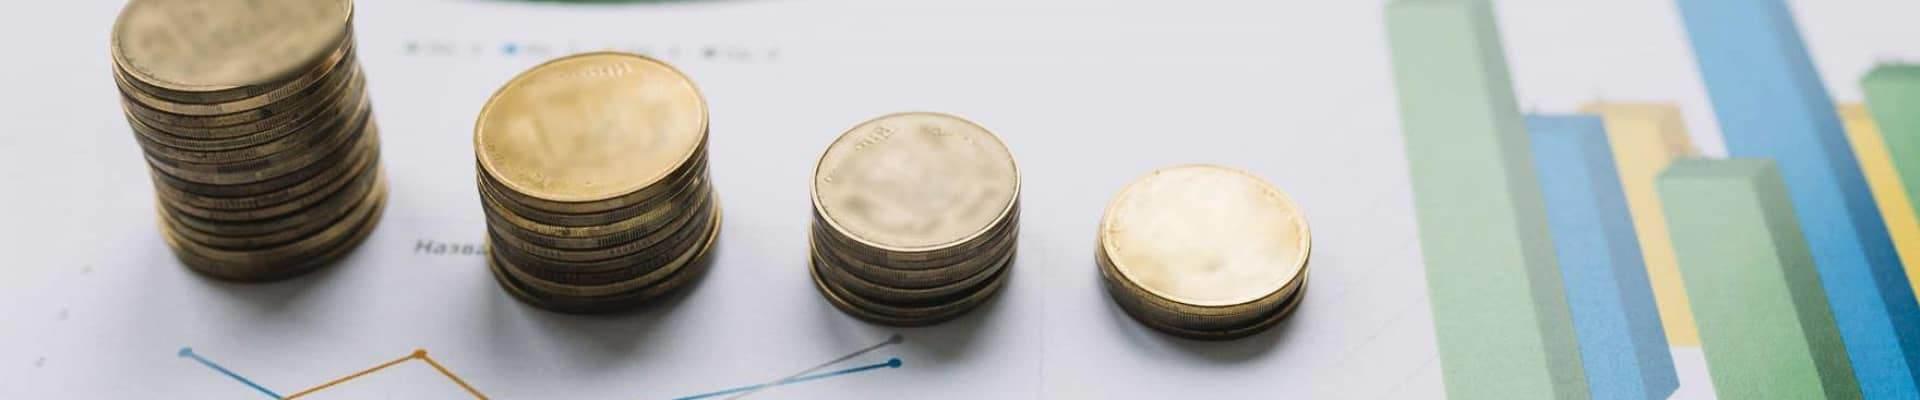 Чистая прибыль кредитных организация за последний месяц снизилась в 6 раз